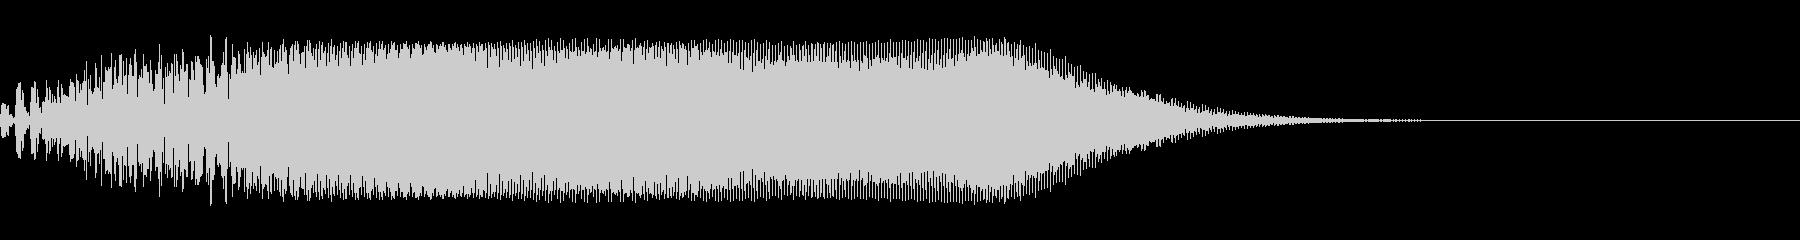 ホラー系SE(ヴァヴォーン)の未再生の波形